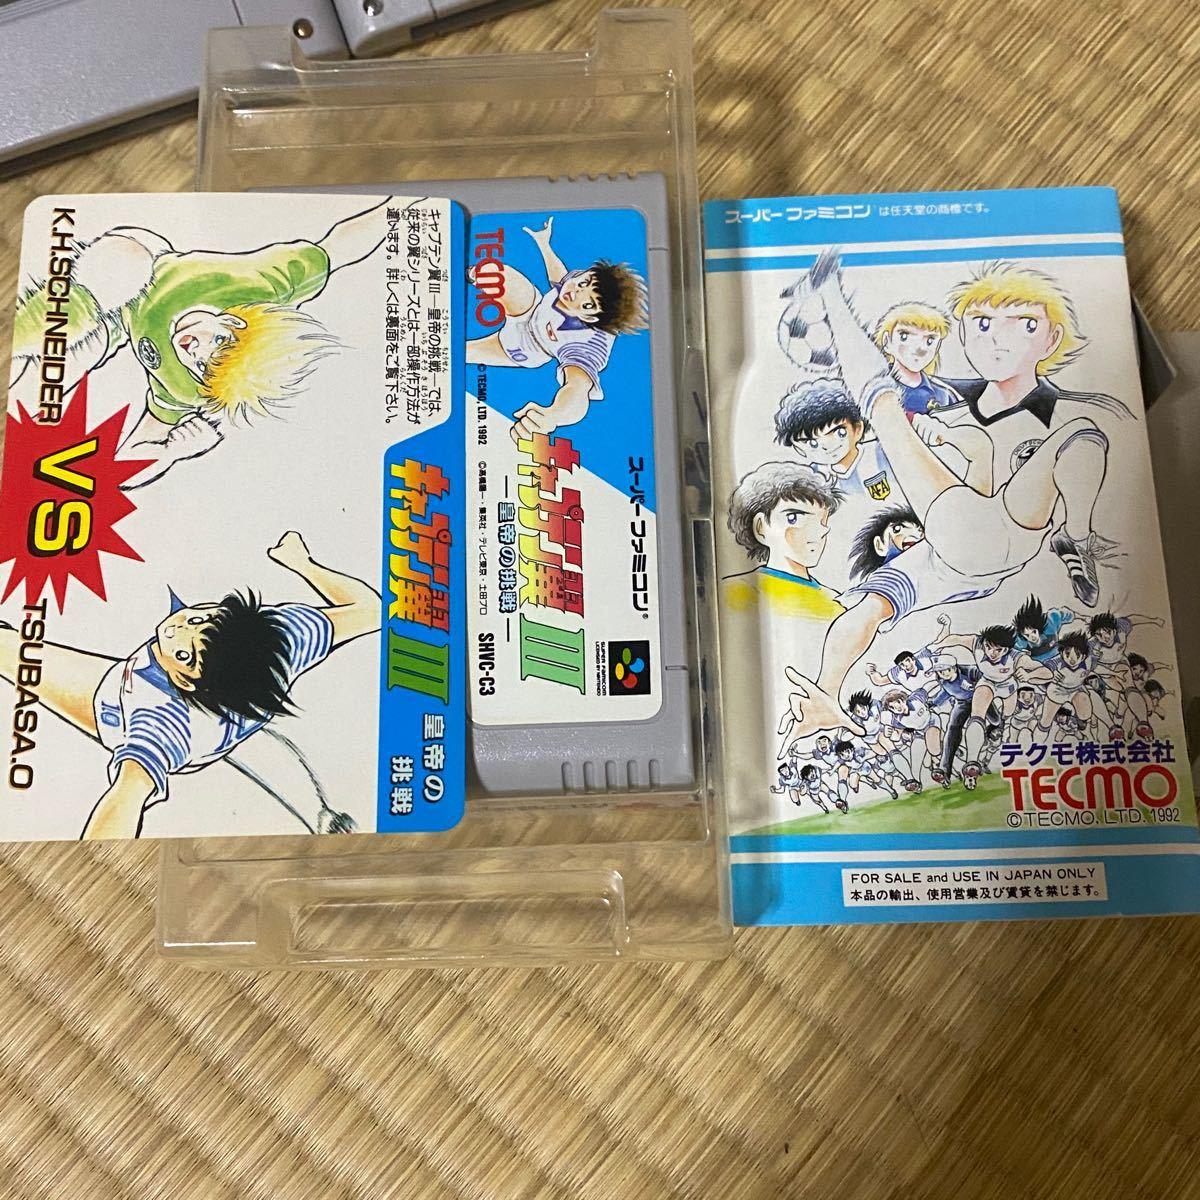 スーパーファミコンソフト スーパーファミコン まとめ売り セット販売 8セット